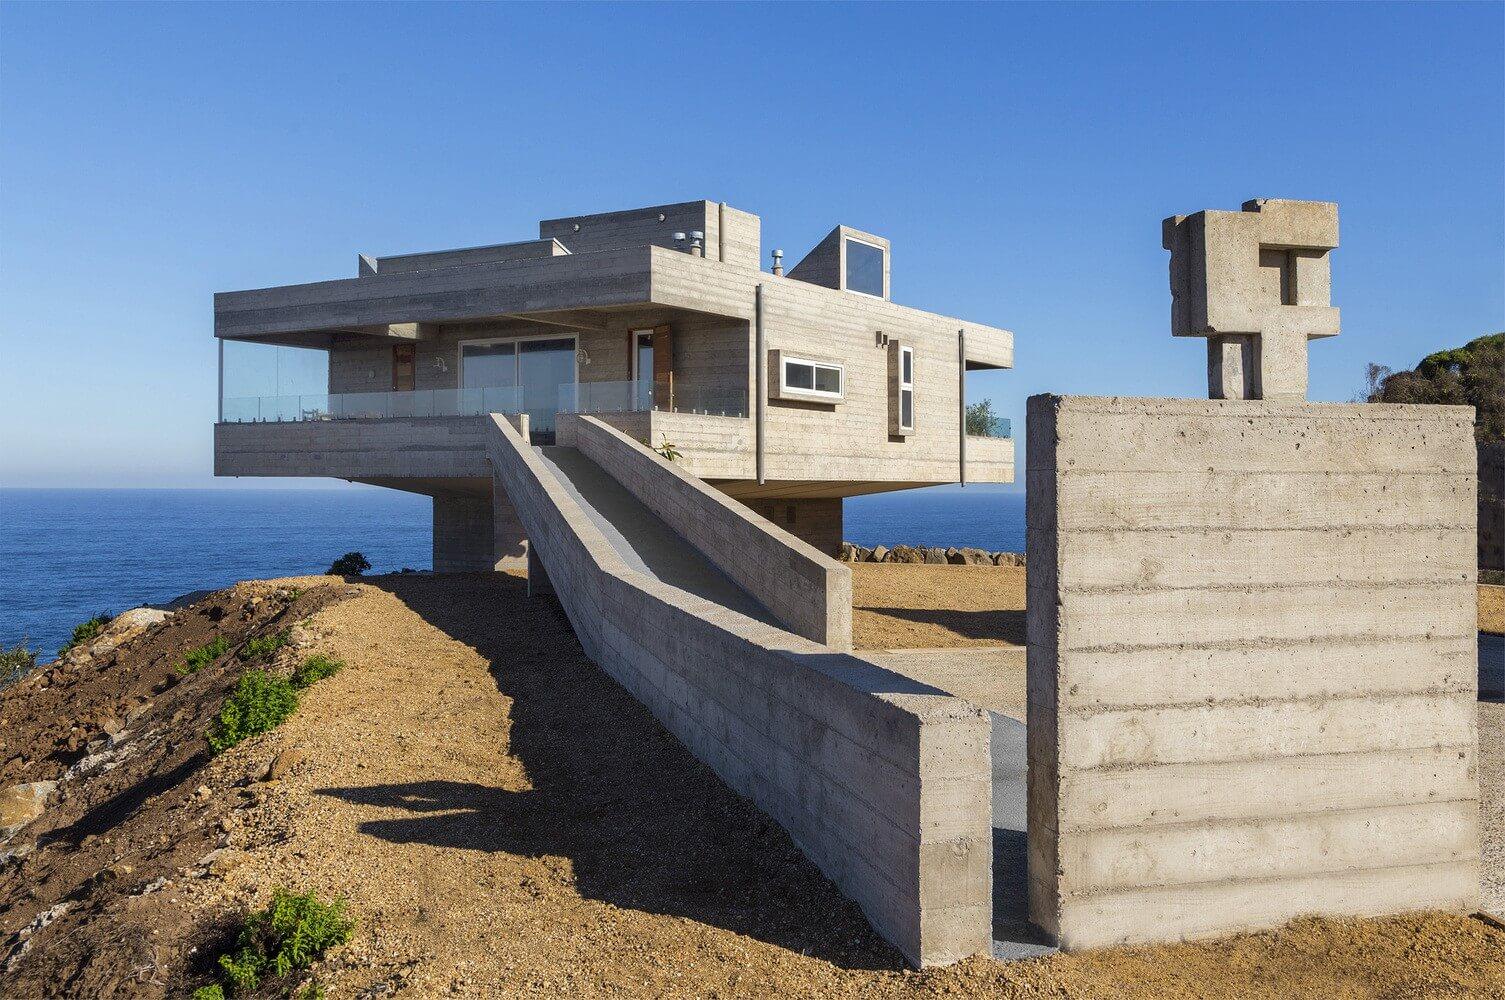 Szecesszió és beton: építésügyi konferenciák következnek